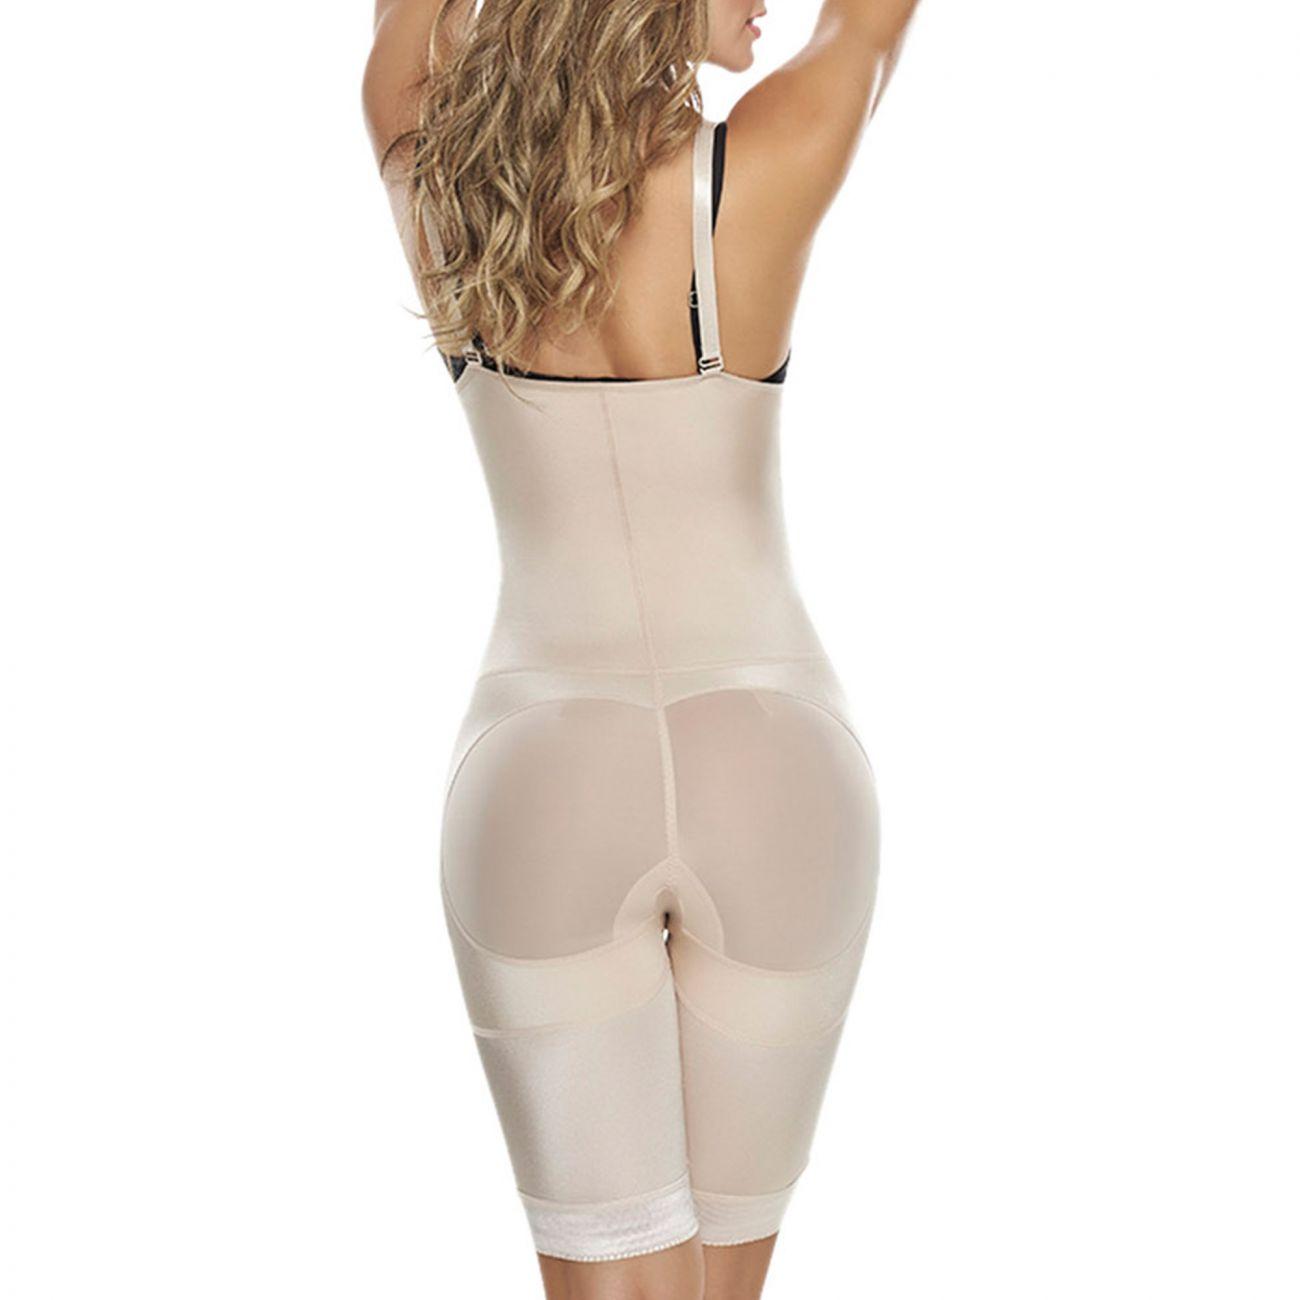 5a385fd357847 Shapewear for Women  TrueShapers 1221 Power Slimmed Mid-Thigh Body Shaper